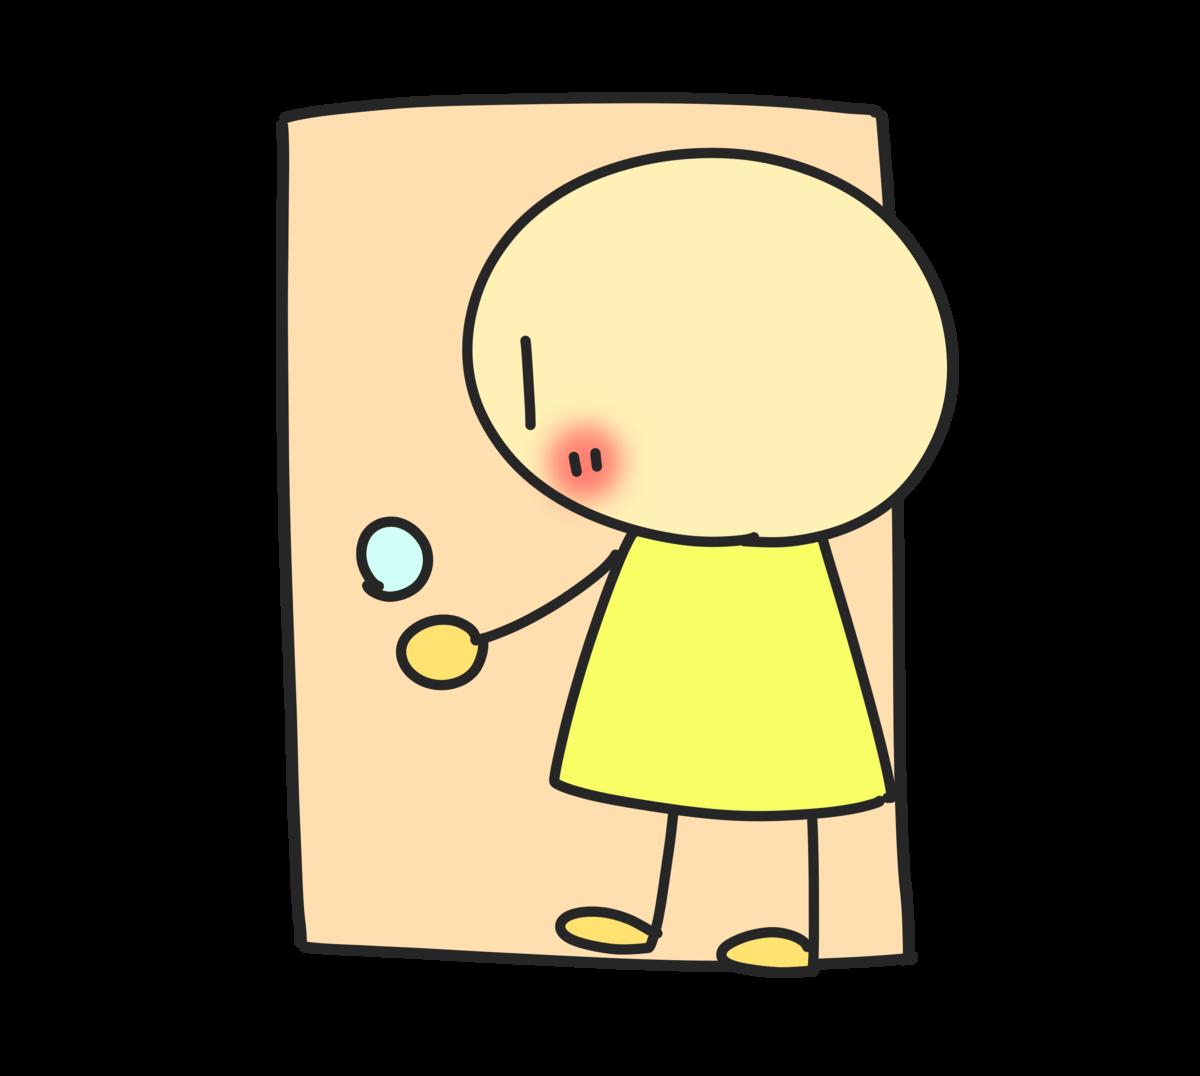 戸締りのイラスト